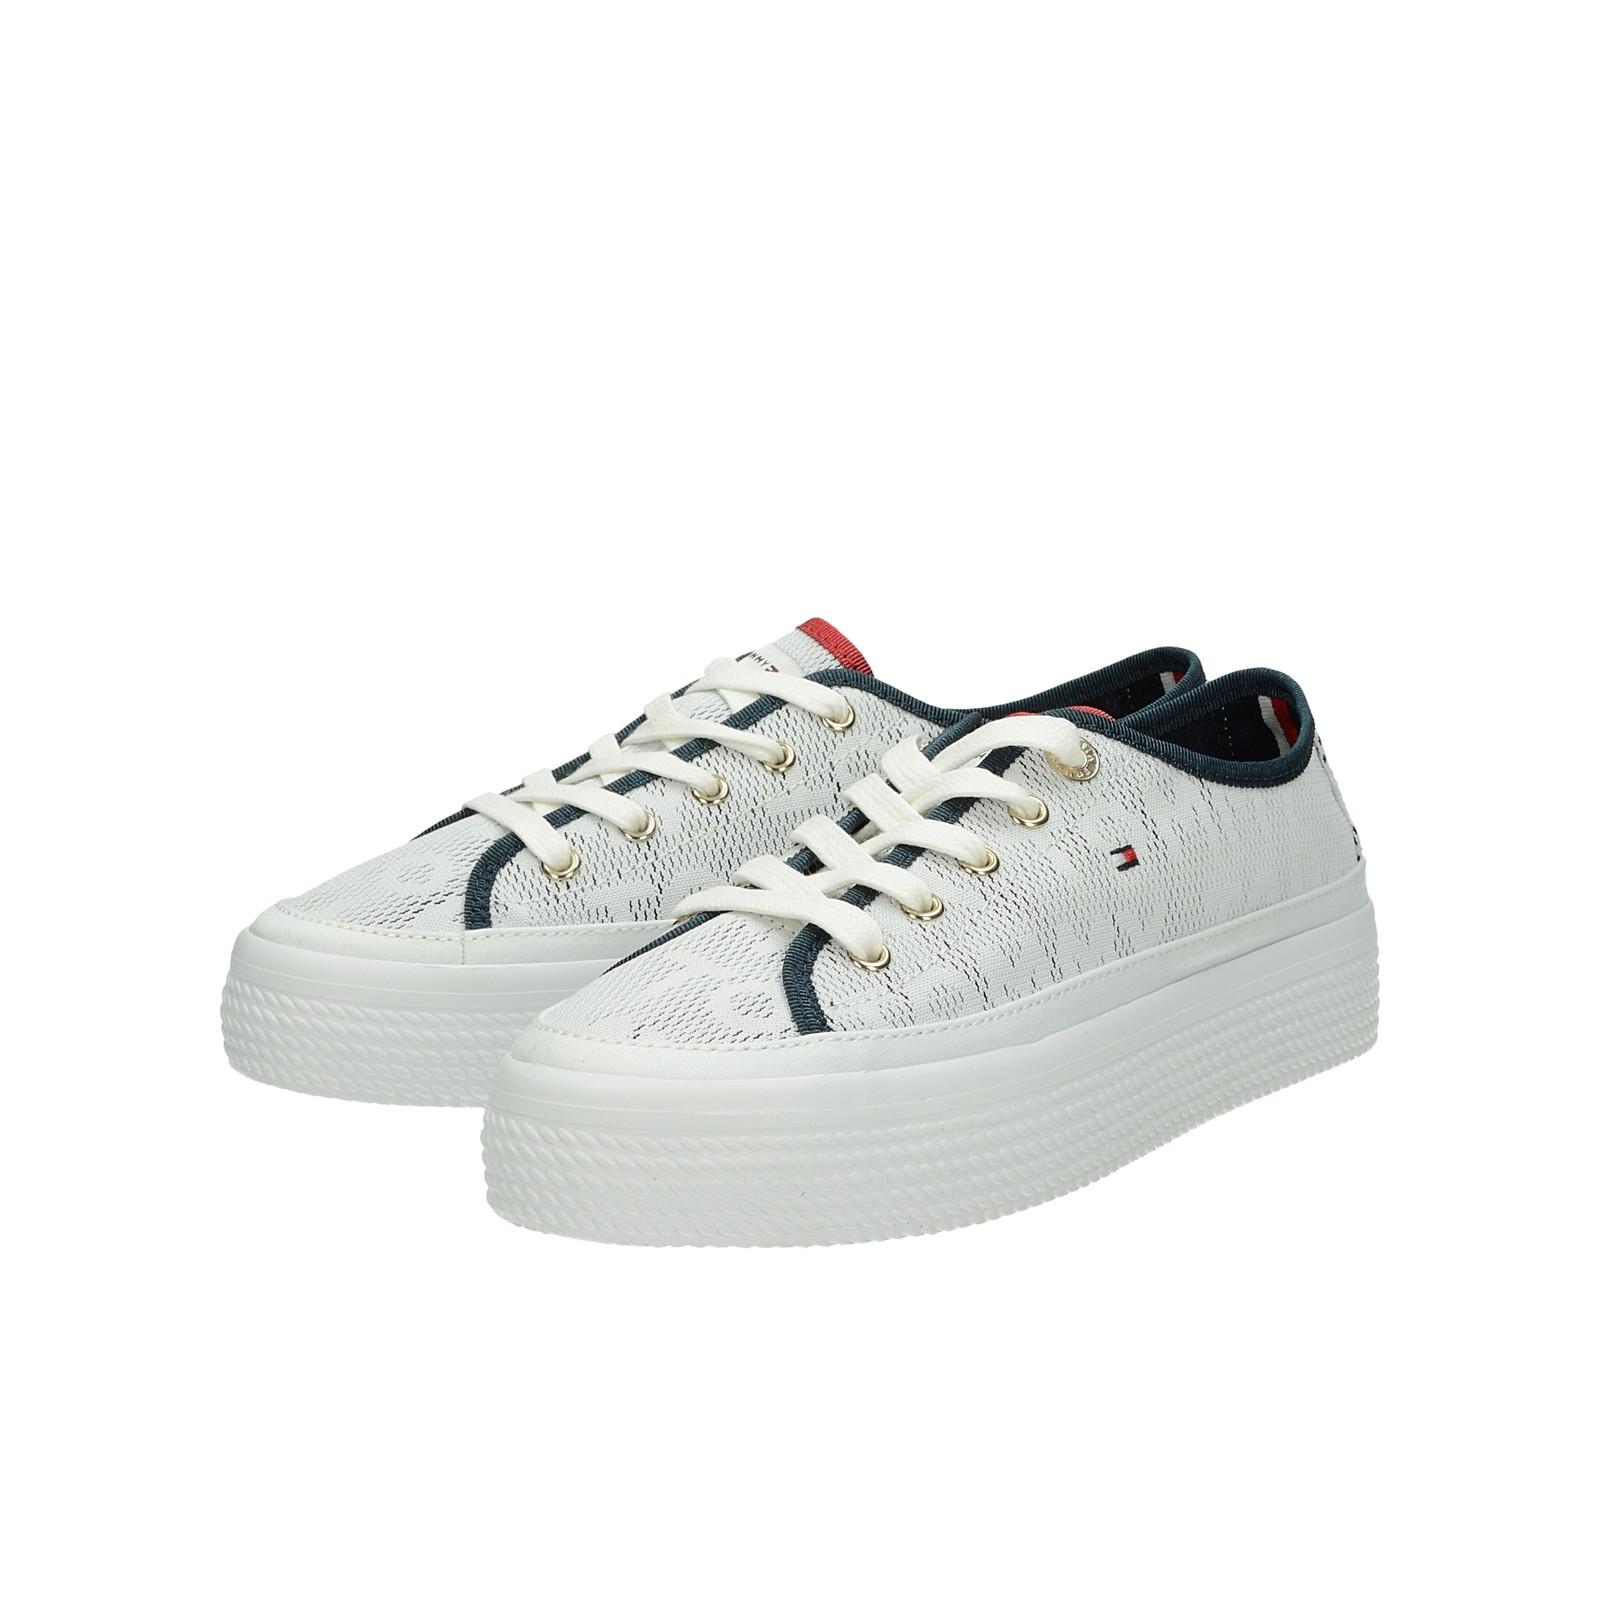 e8c96bb5b9 Tommy Hilfiger dámské textilní tenisky - bílé ...